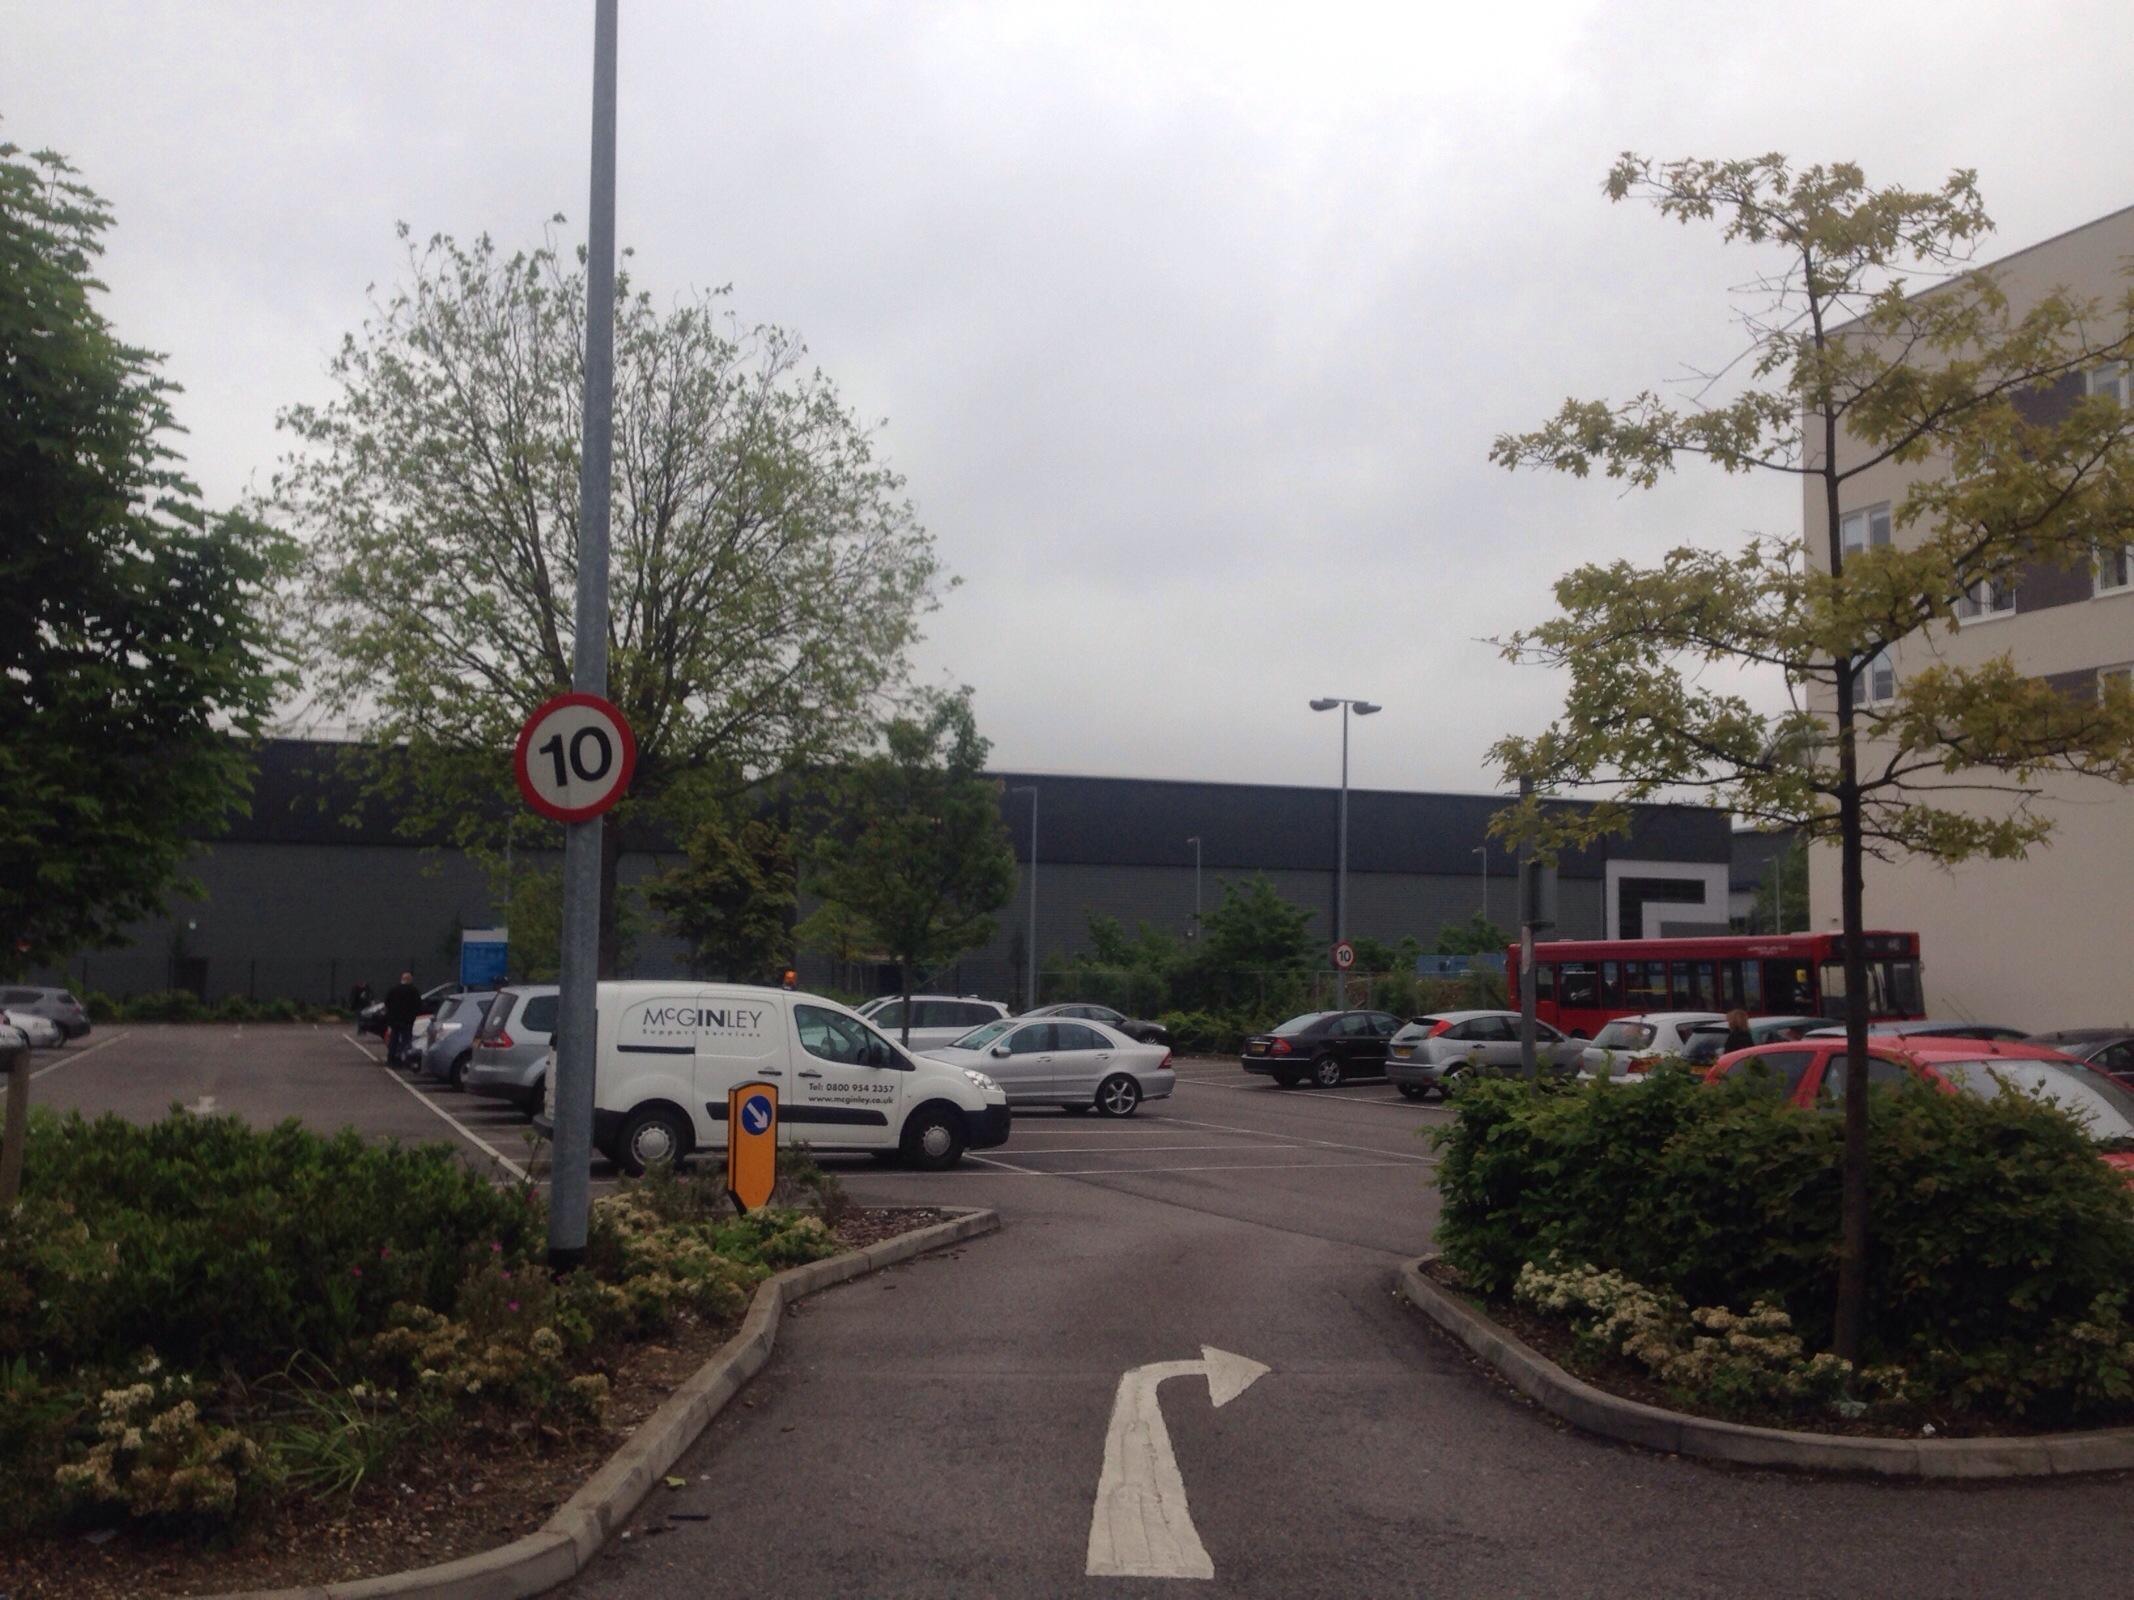 car park 1 central middlesex hospital parking in london parkme. Black Bedroom Furniture Sets. Home Design Ideas